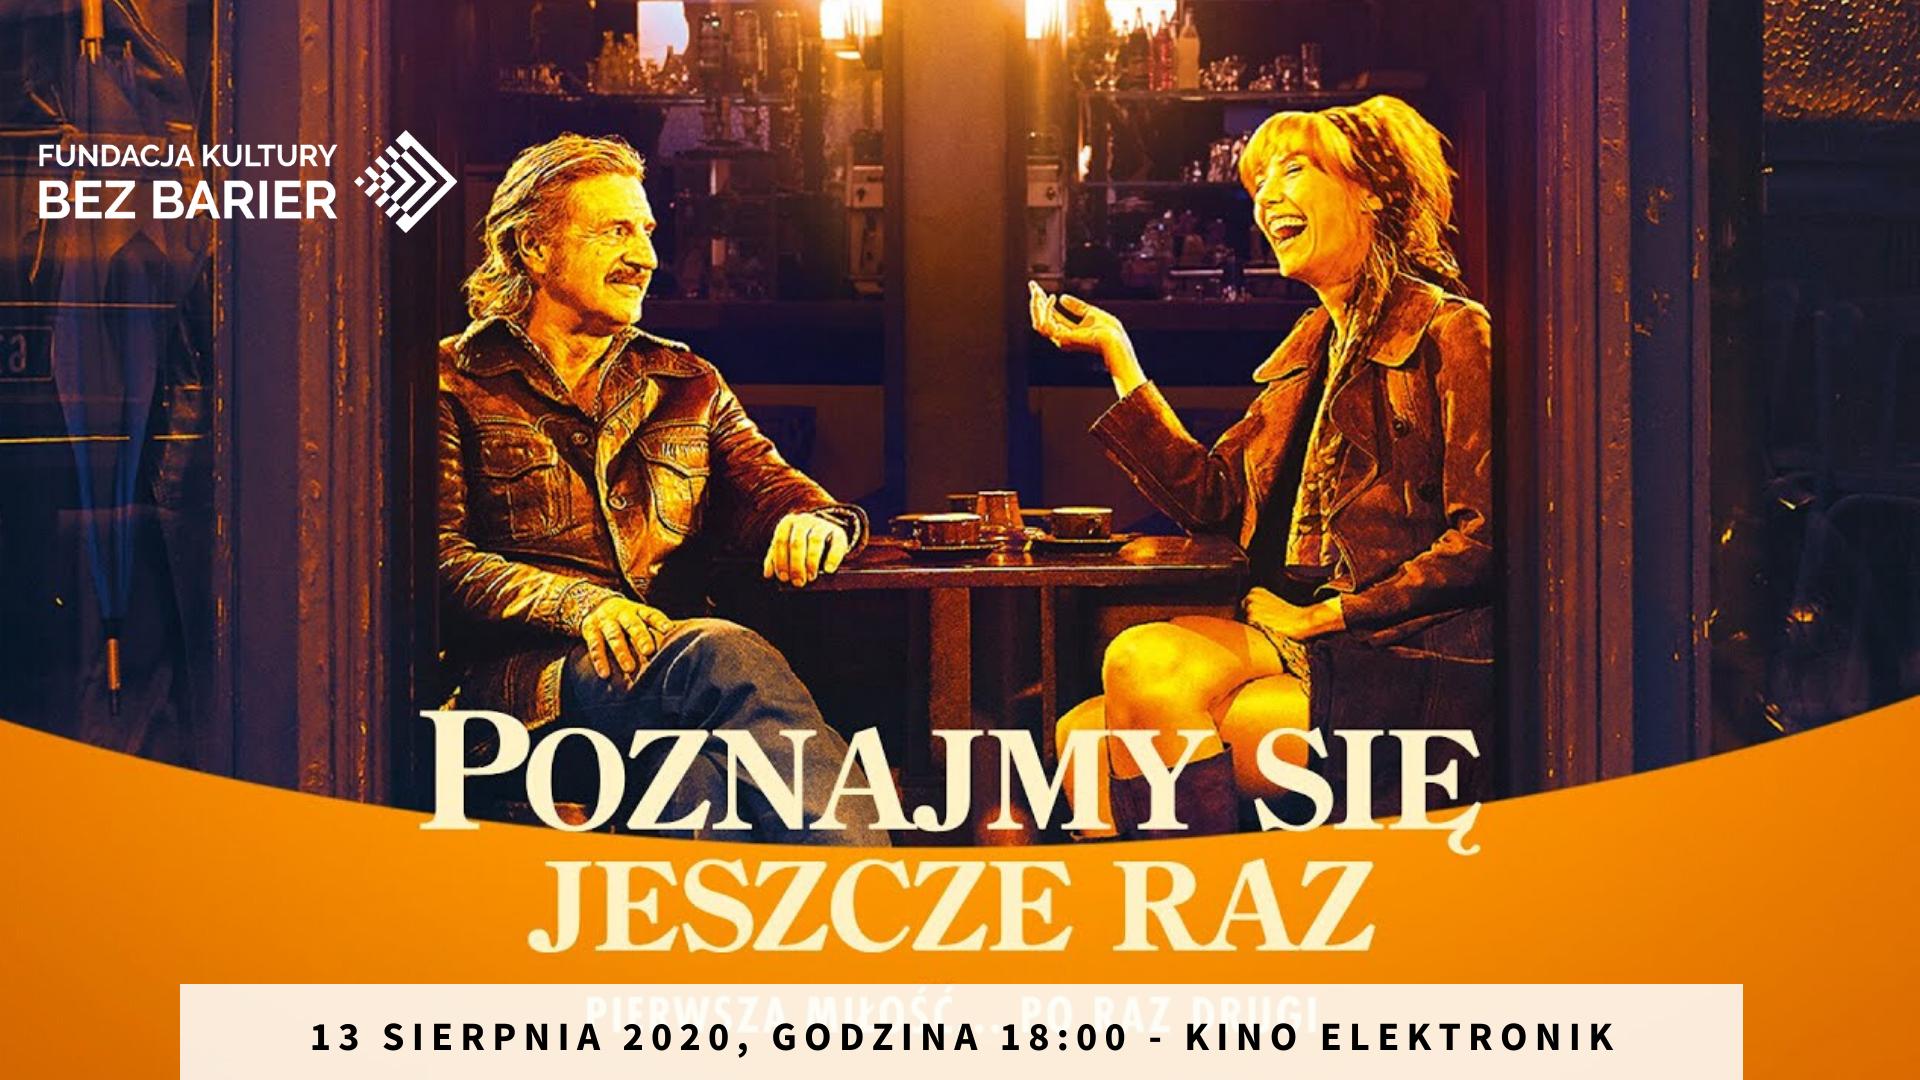 Plakat promujący film. Mężczyzna i kobieta siedzą w kawiarni, śmieją sie. Poniżej napis Poznajmy się jeszcze raz